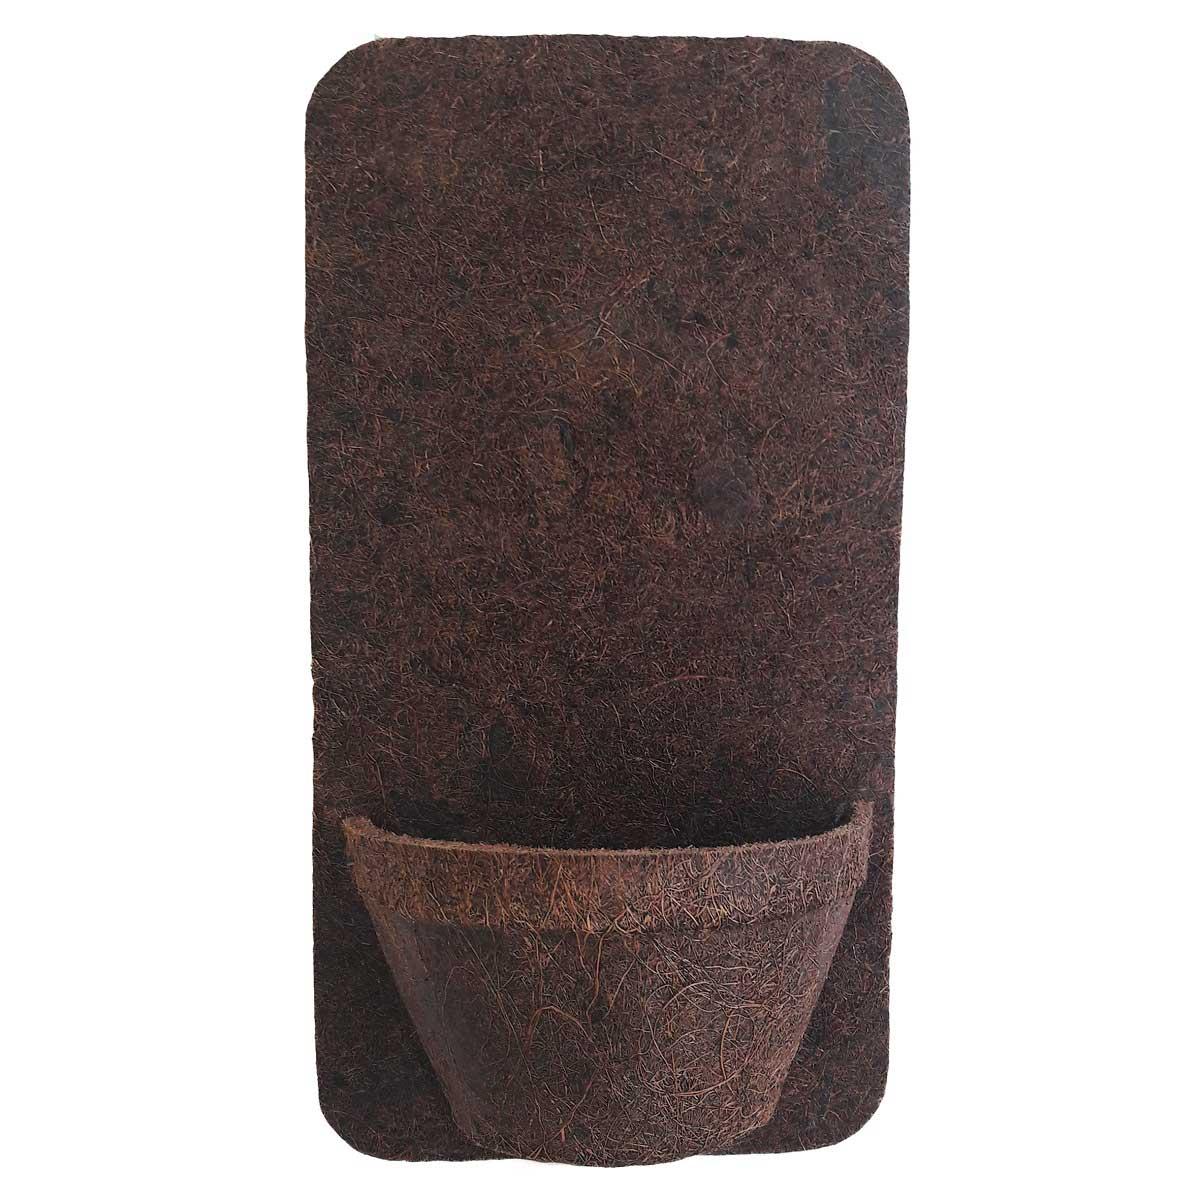 Placa 20cm X 40cm com 1 meio vaso 10 COQUIM